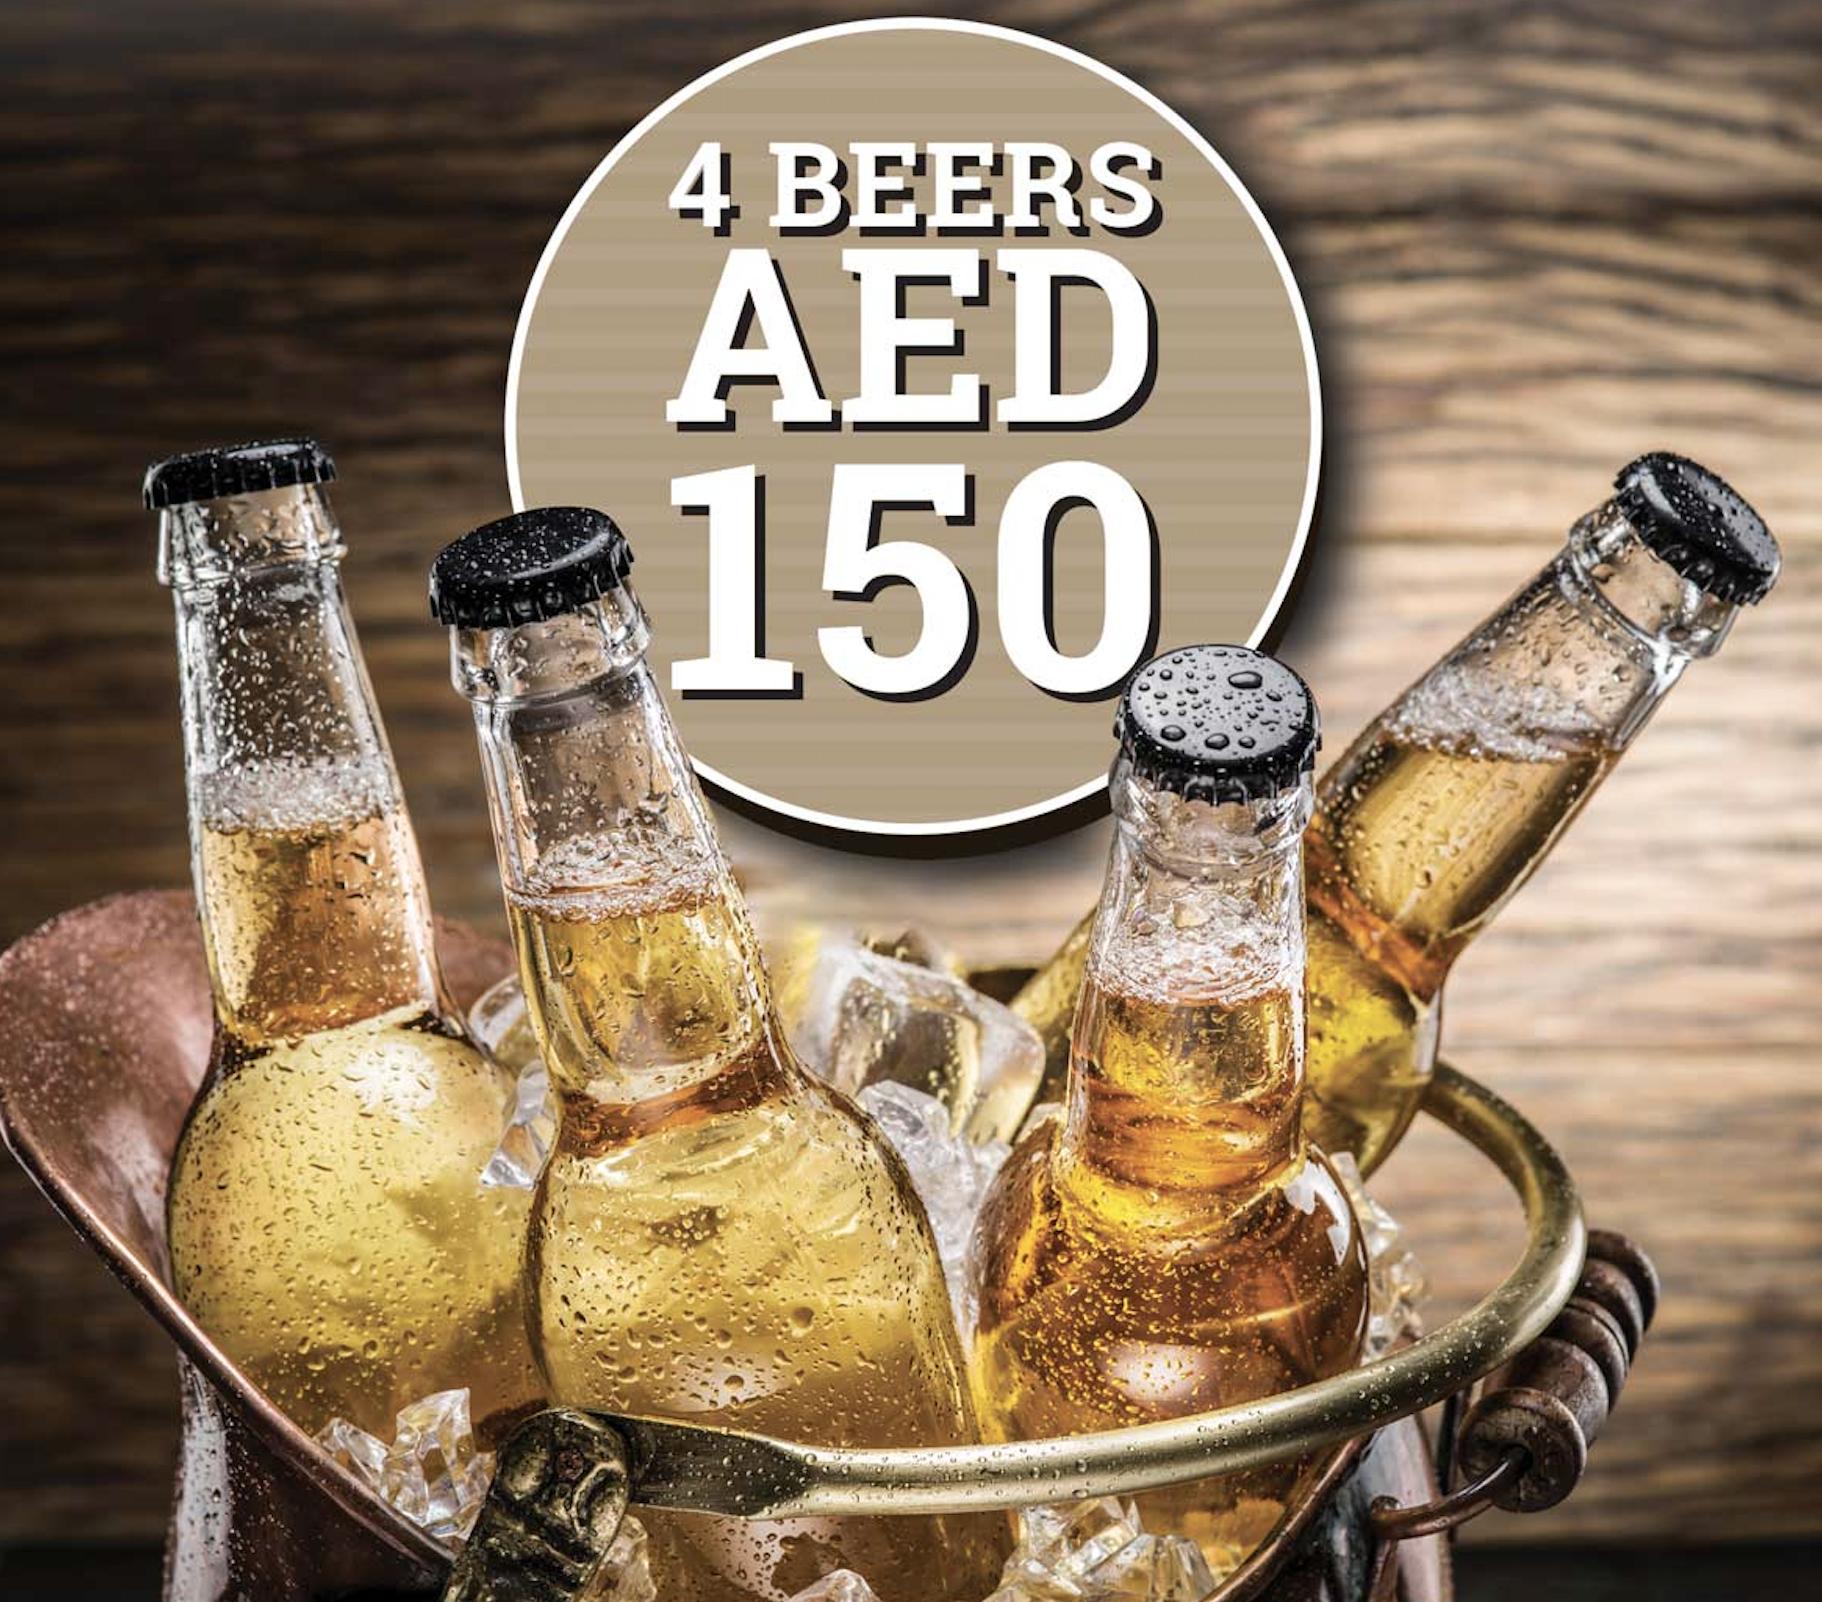 4 Beers